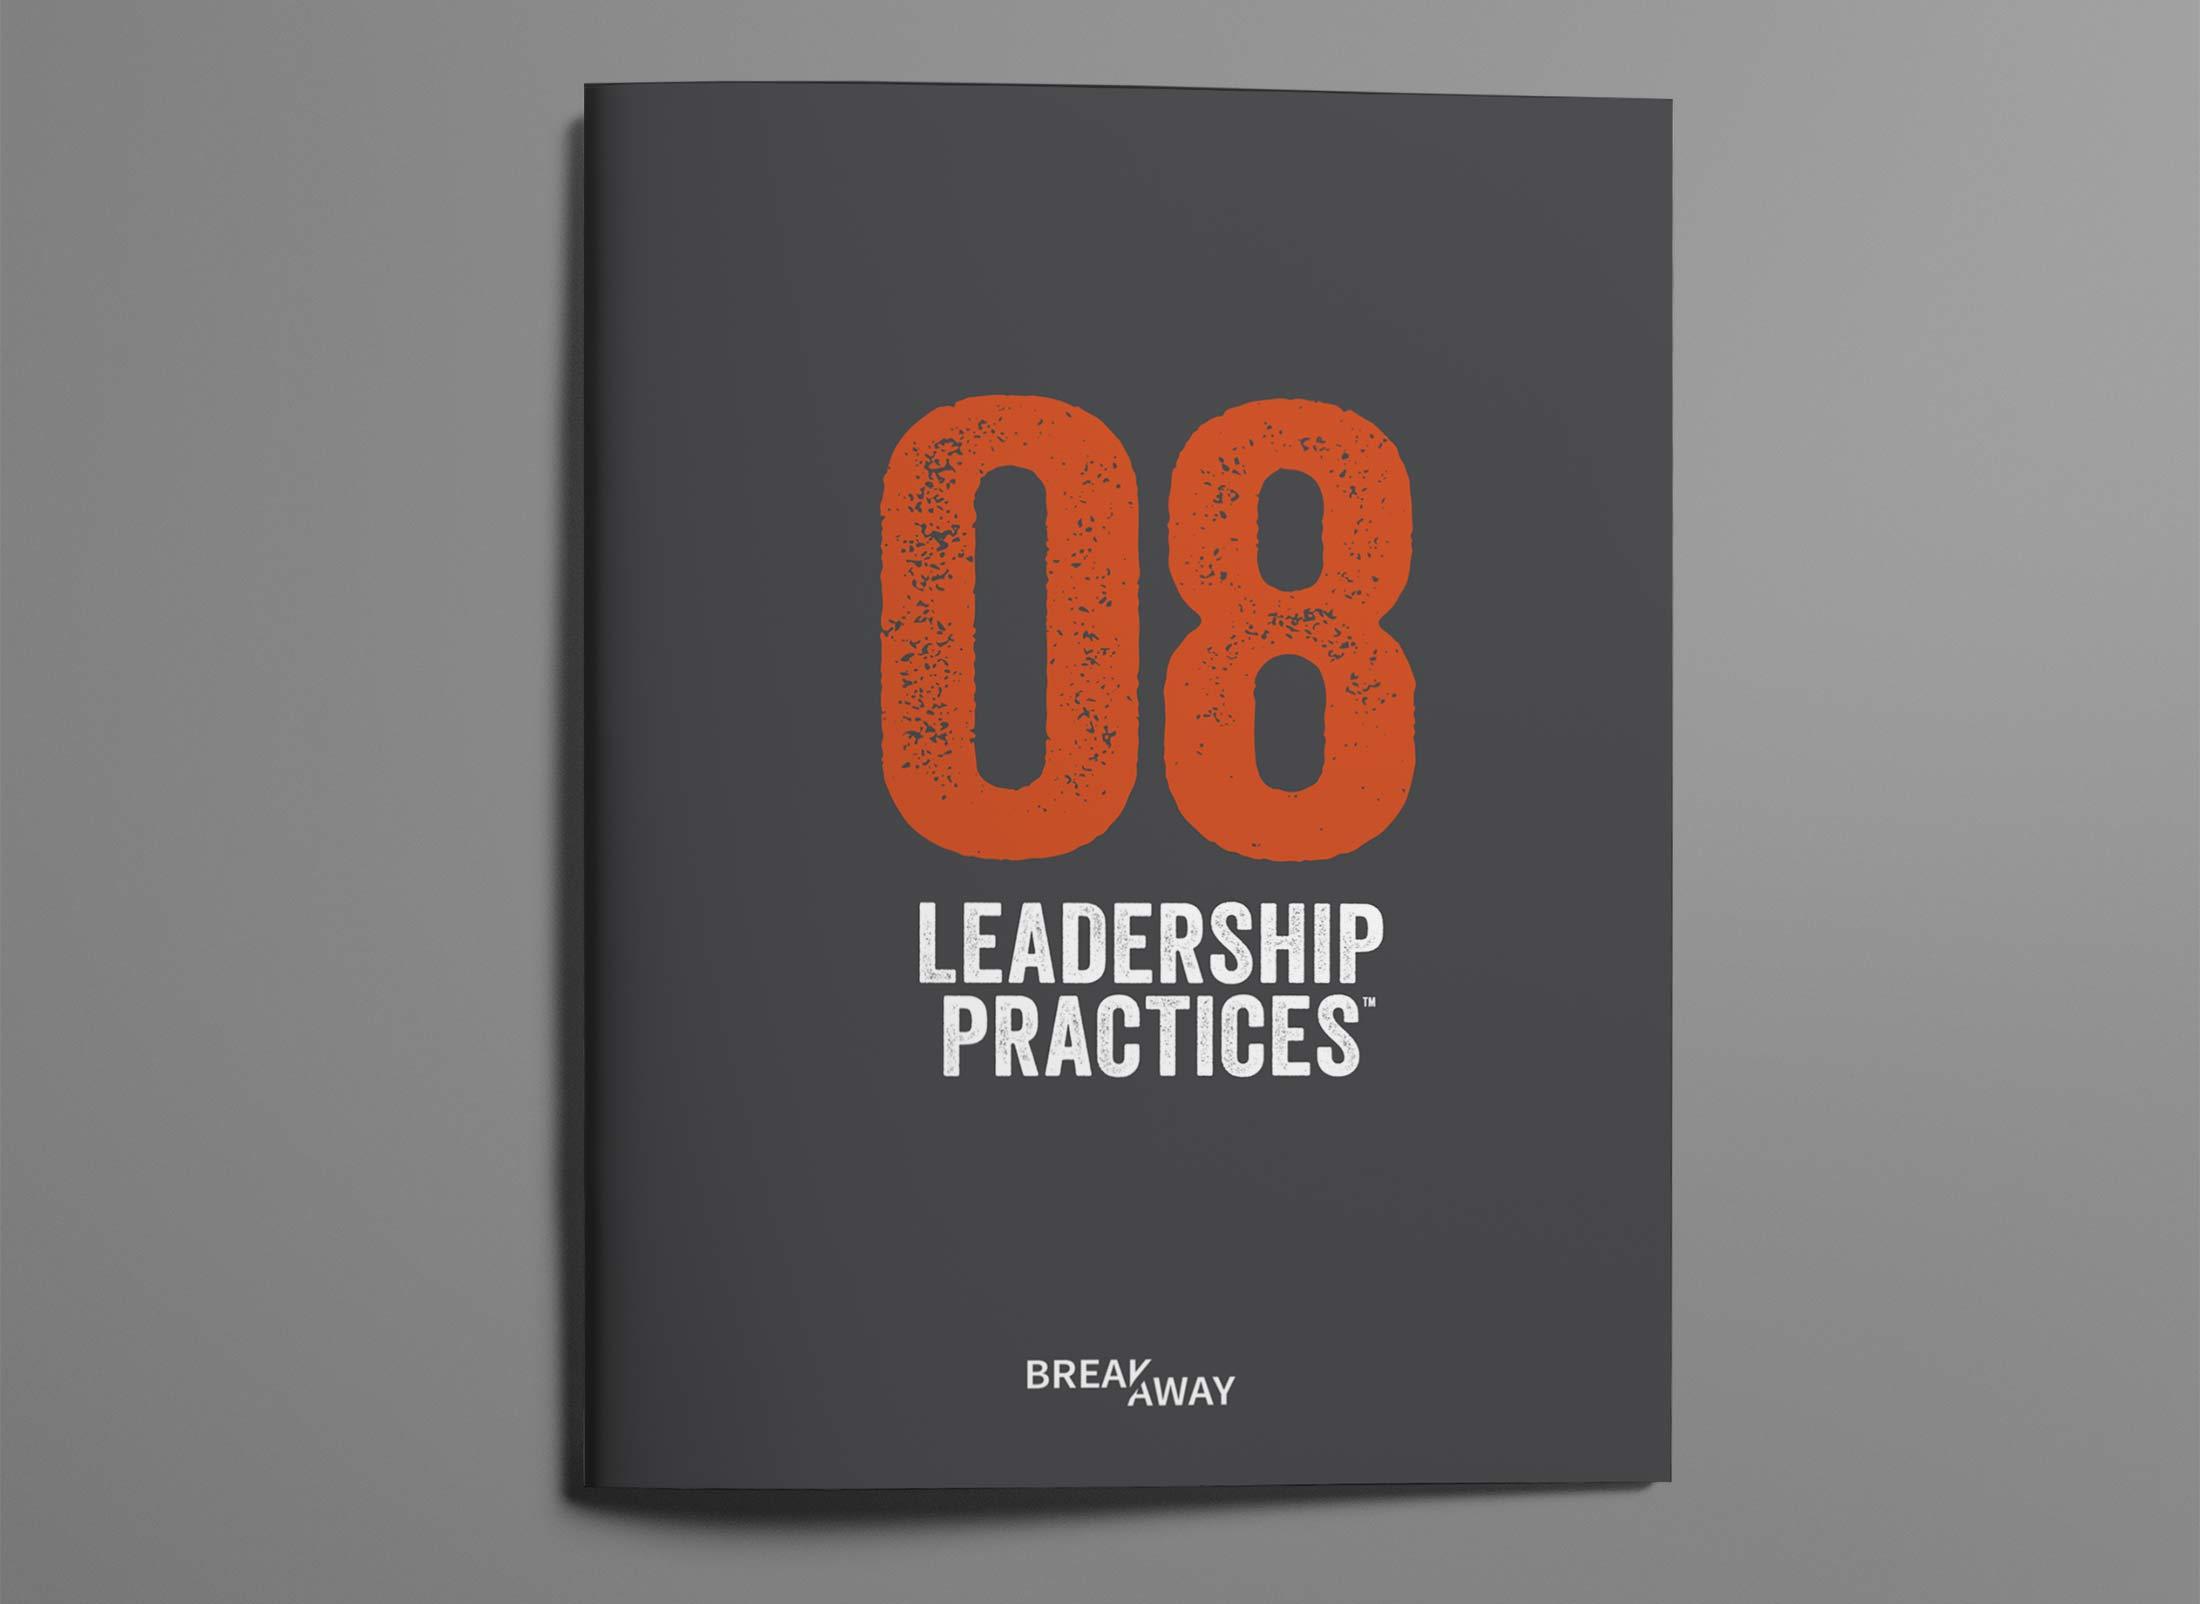 08 Practices